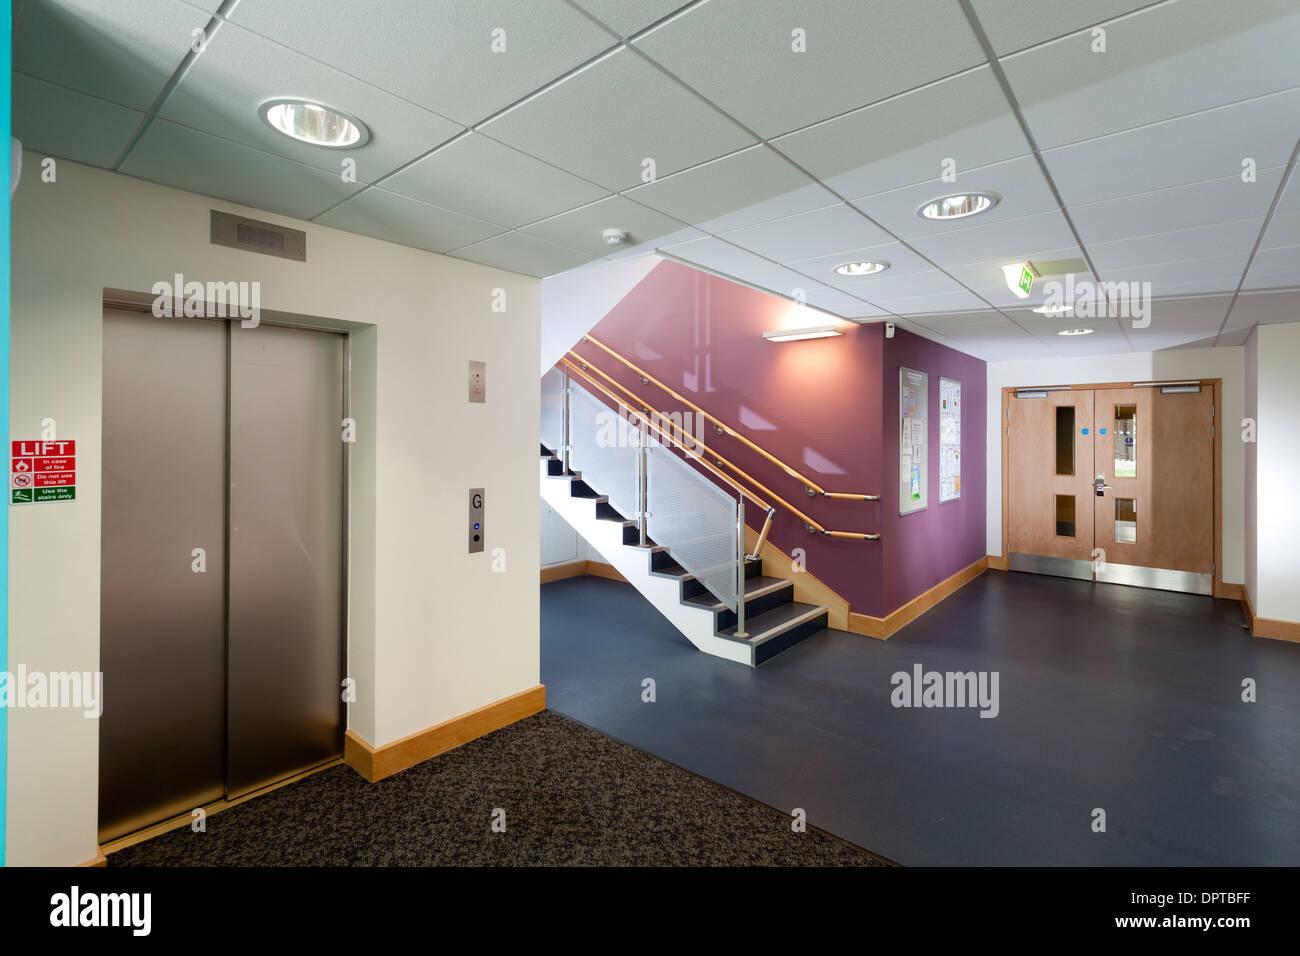 Bureau moderne ascenseur et escalier couloir. Photo Stock